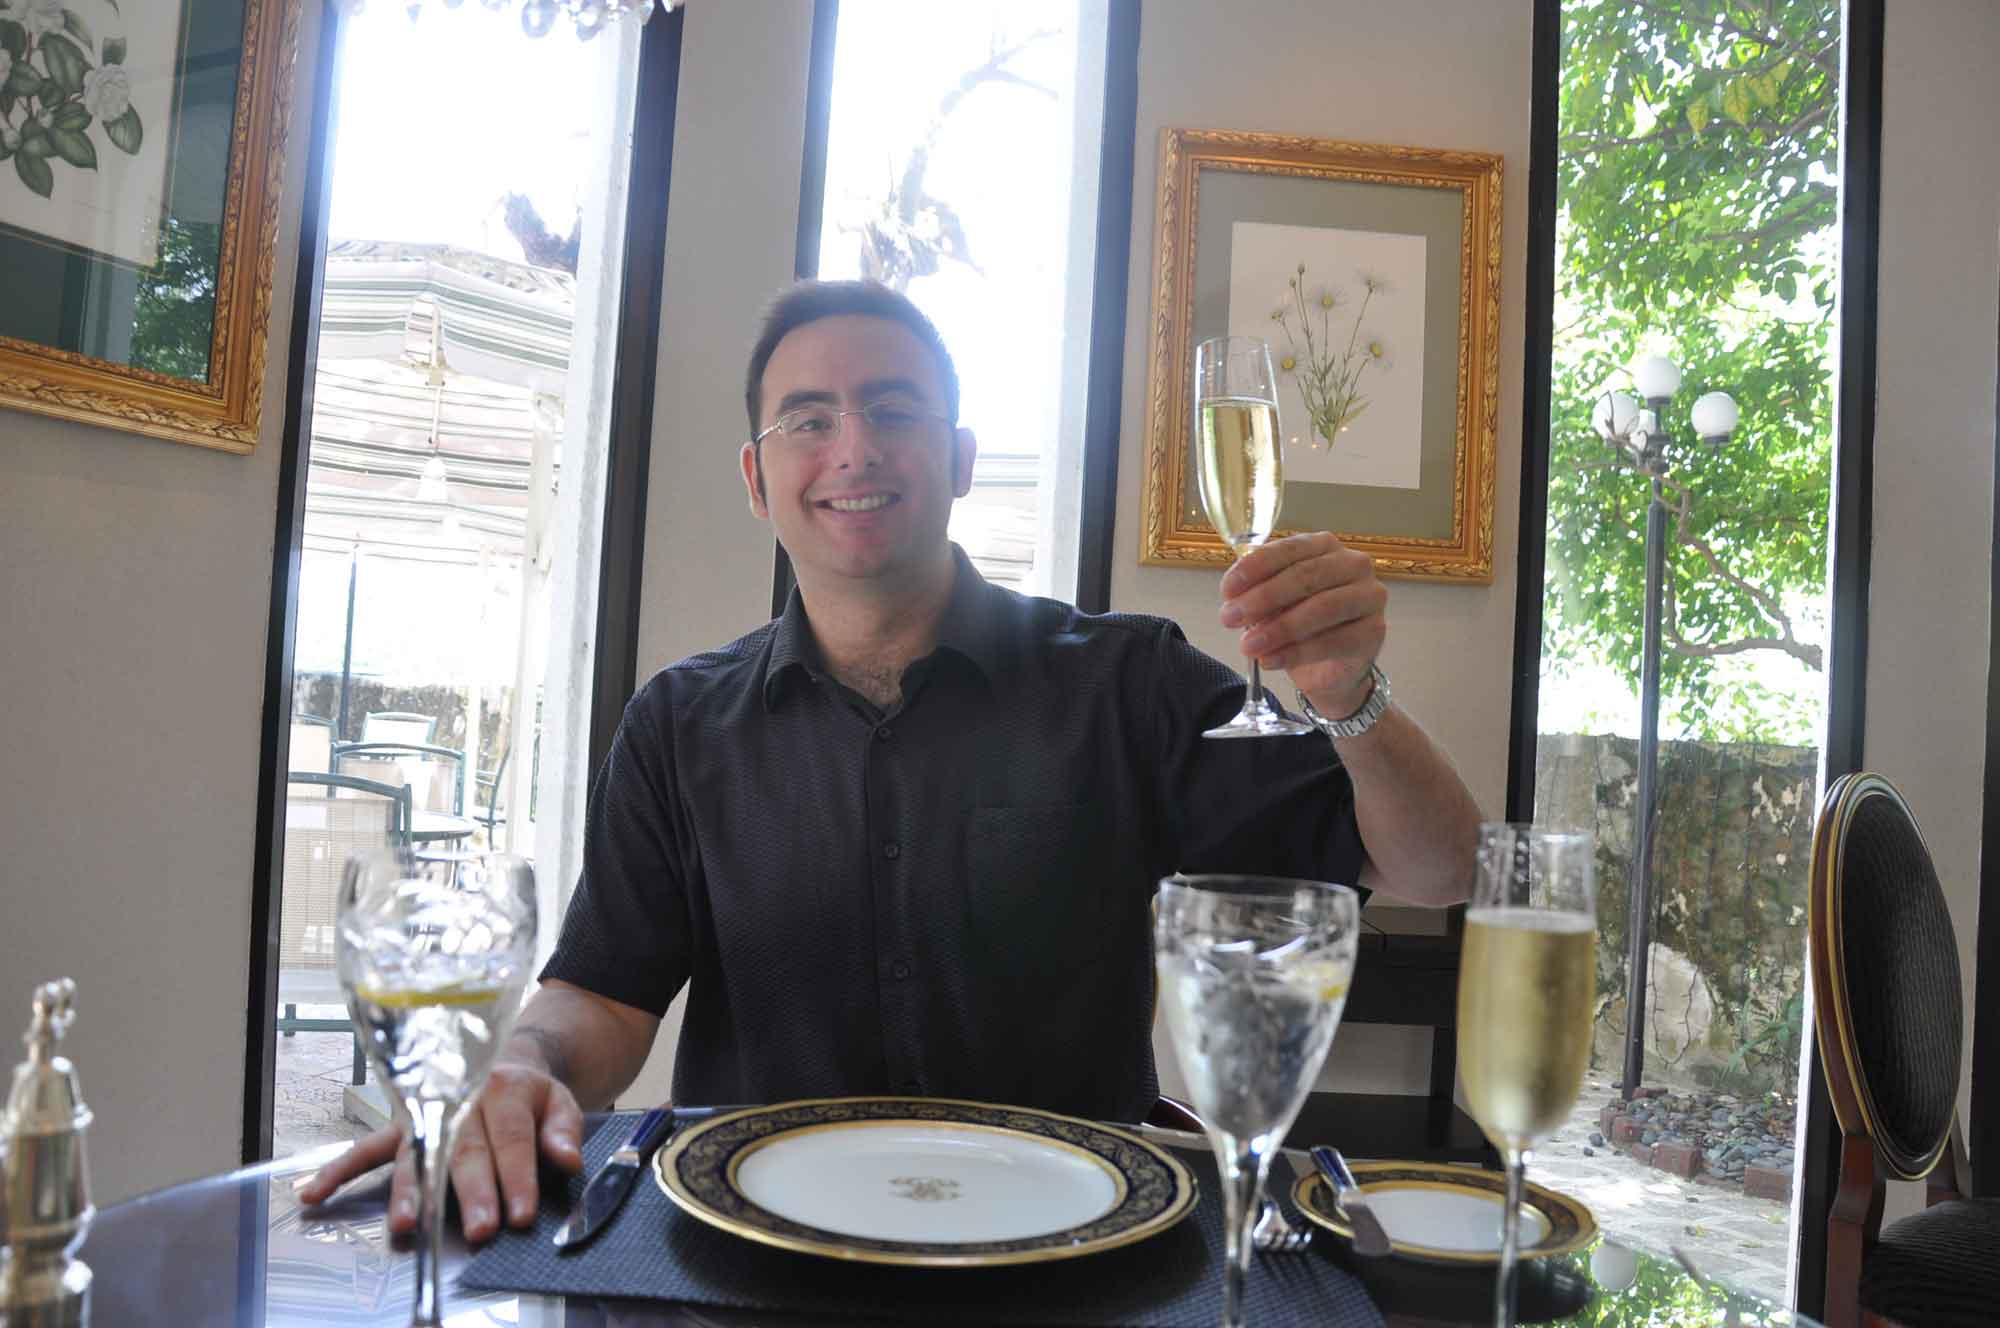 La Paloma Macau Maven with Champagne